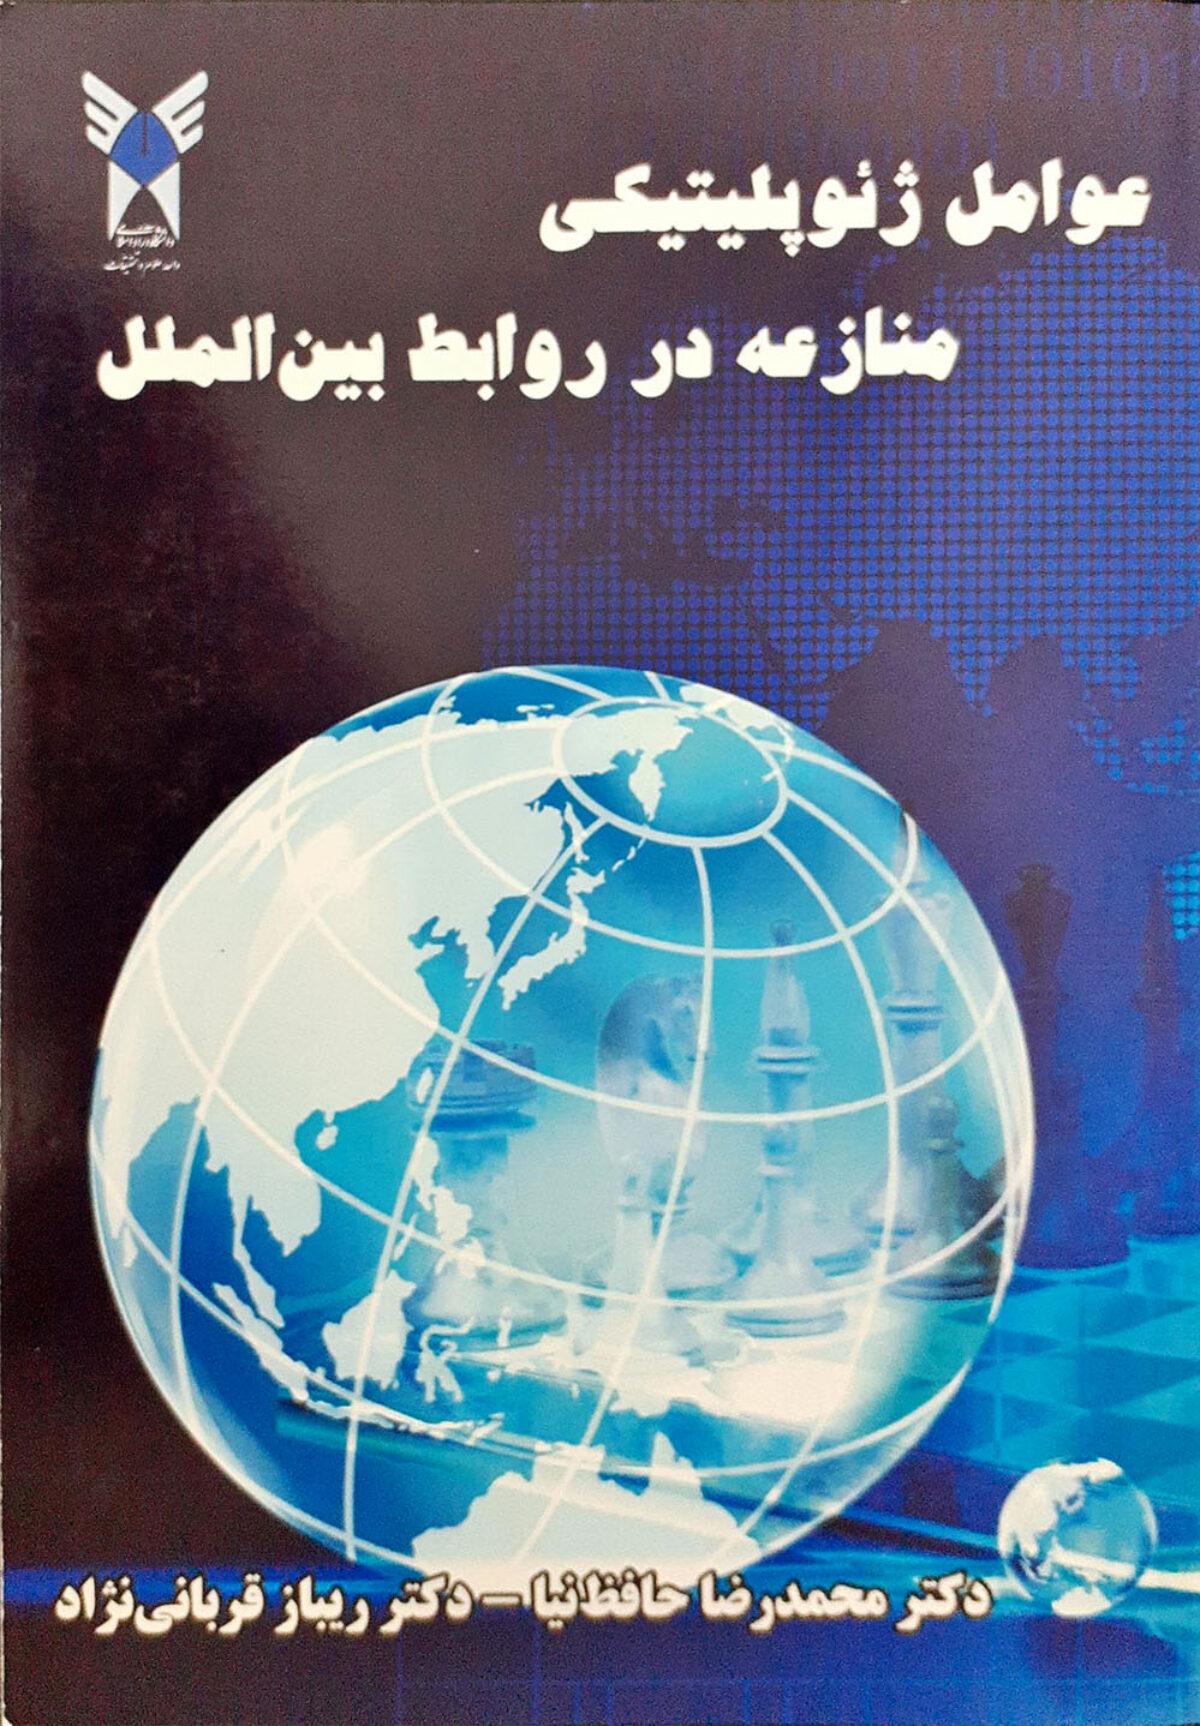 عوامل ژئوپلیتیکی منازعه در روابط بین الملل